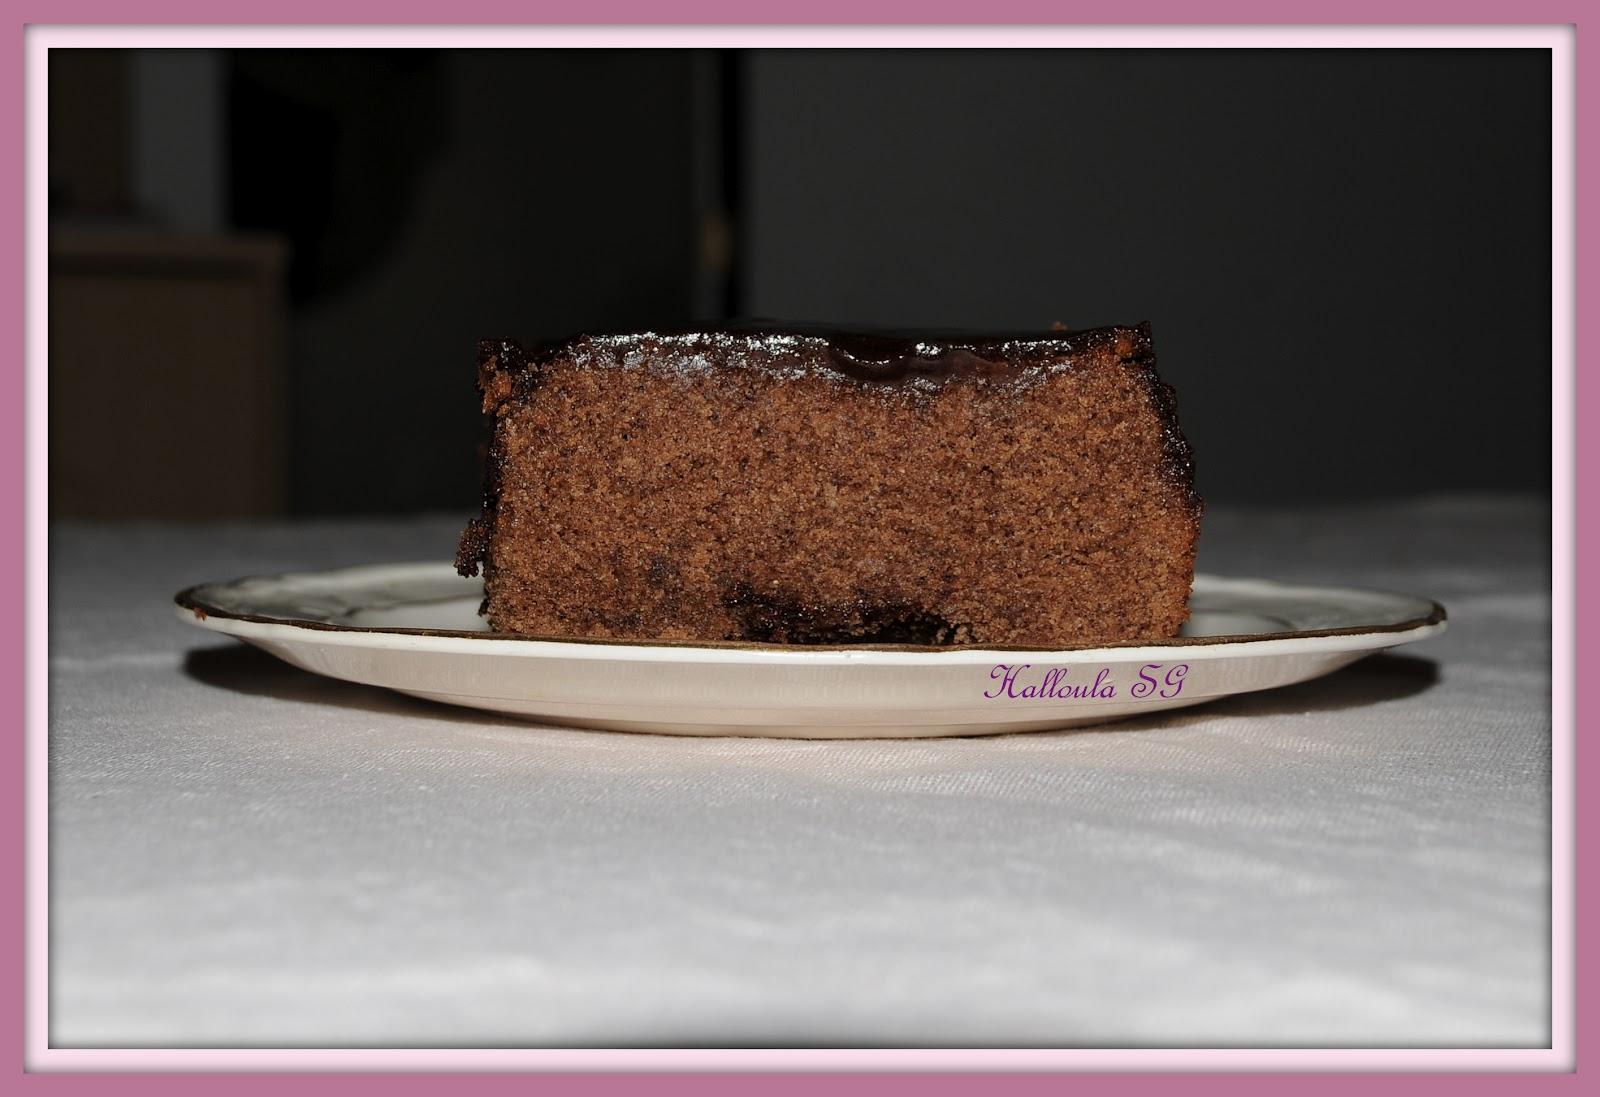 sans gluten en tunisie cake au chocolat sans gluten. Black Bedroom Furniture Sets. Home Design Ideas